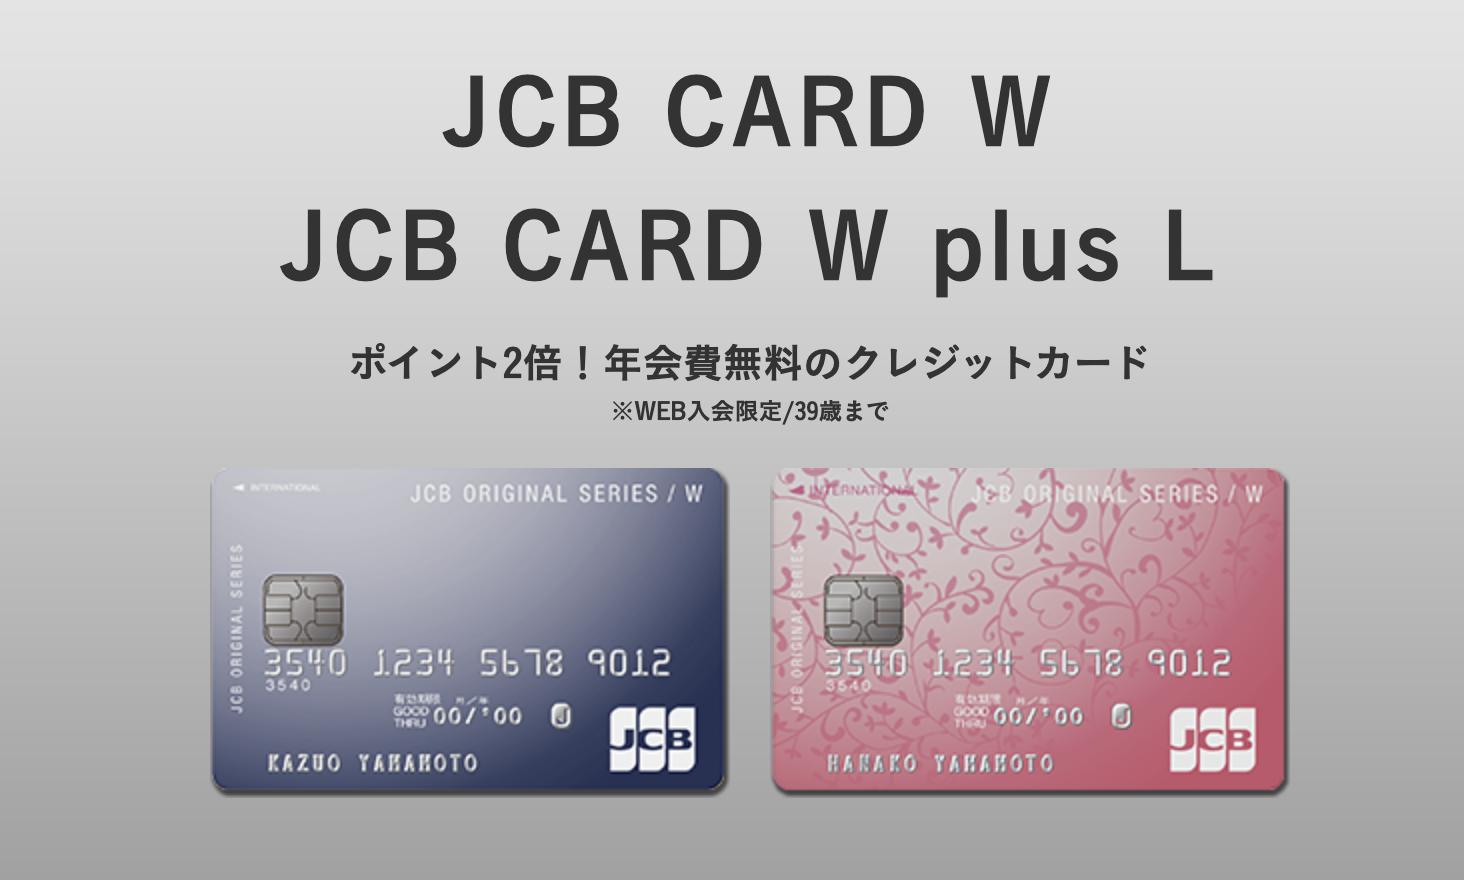 39歳以下ならJCB CARD W/ W plus L!オリジナルシリーズの年会費無料カード